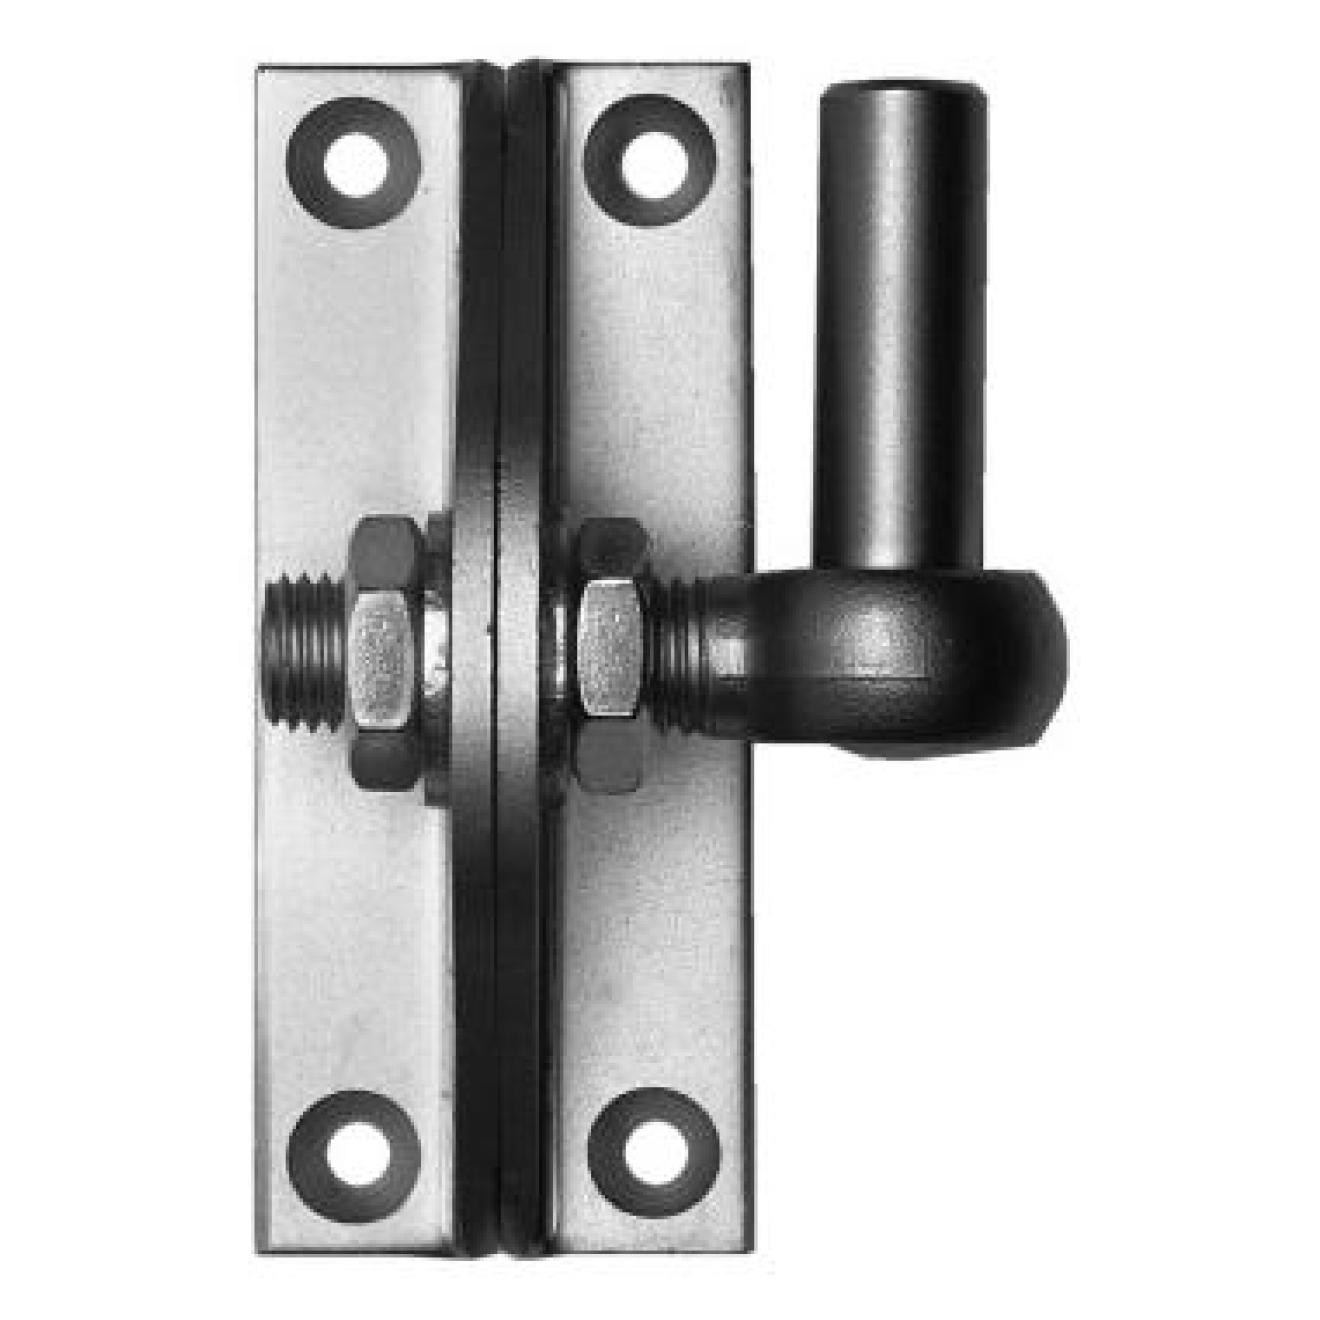 haken d5a zum aufschrauben 2 fach verstellbar feuer verz 16mm 1 st ck schrauben. Black Bedroom Furniture Sets. Home Design Ideas